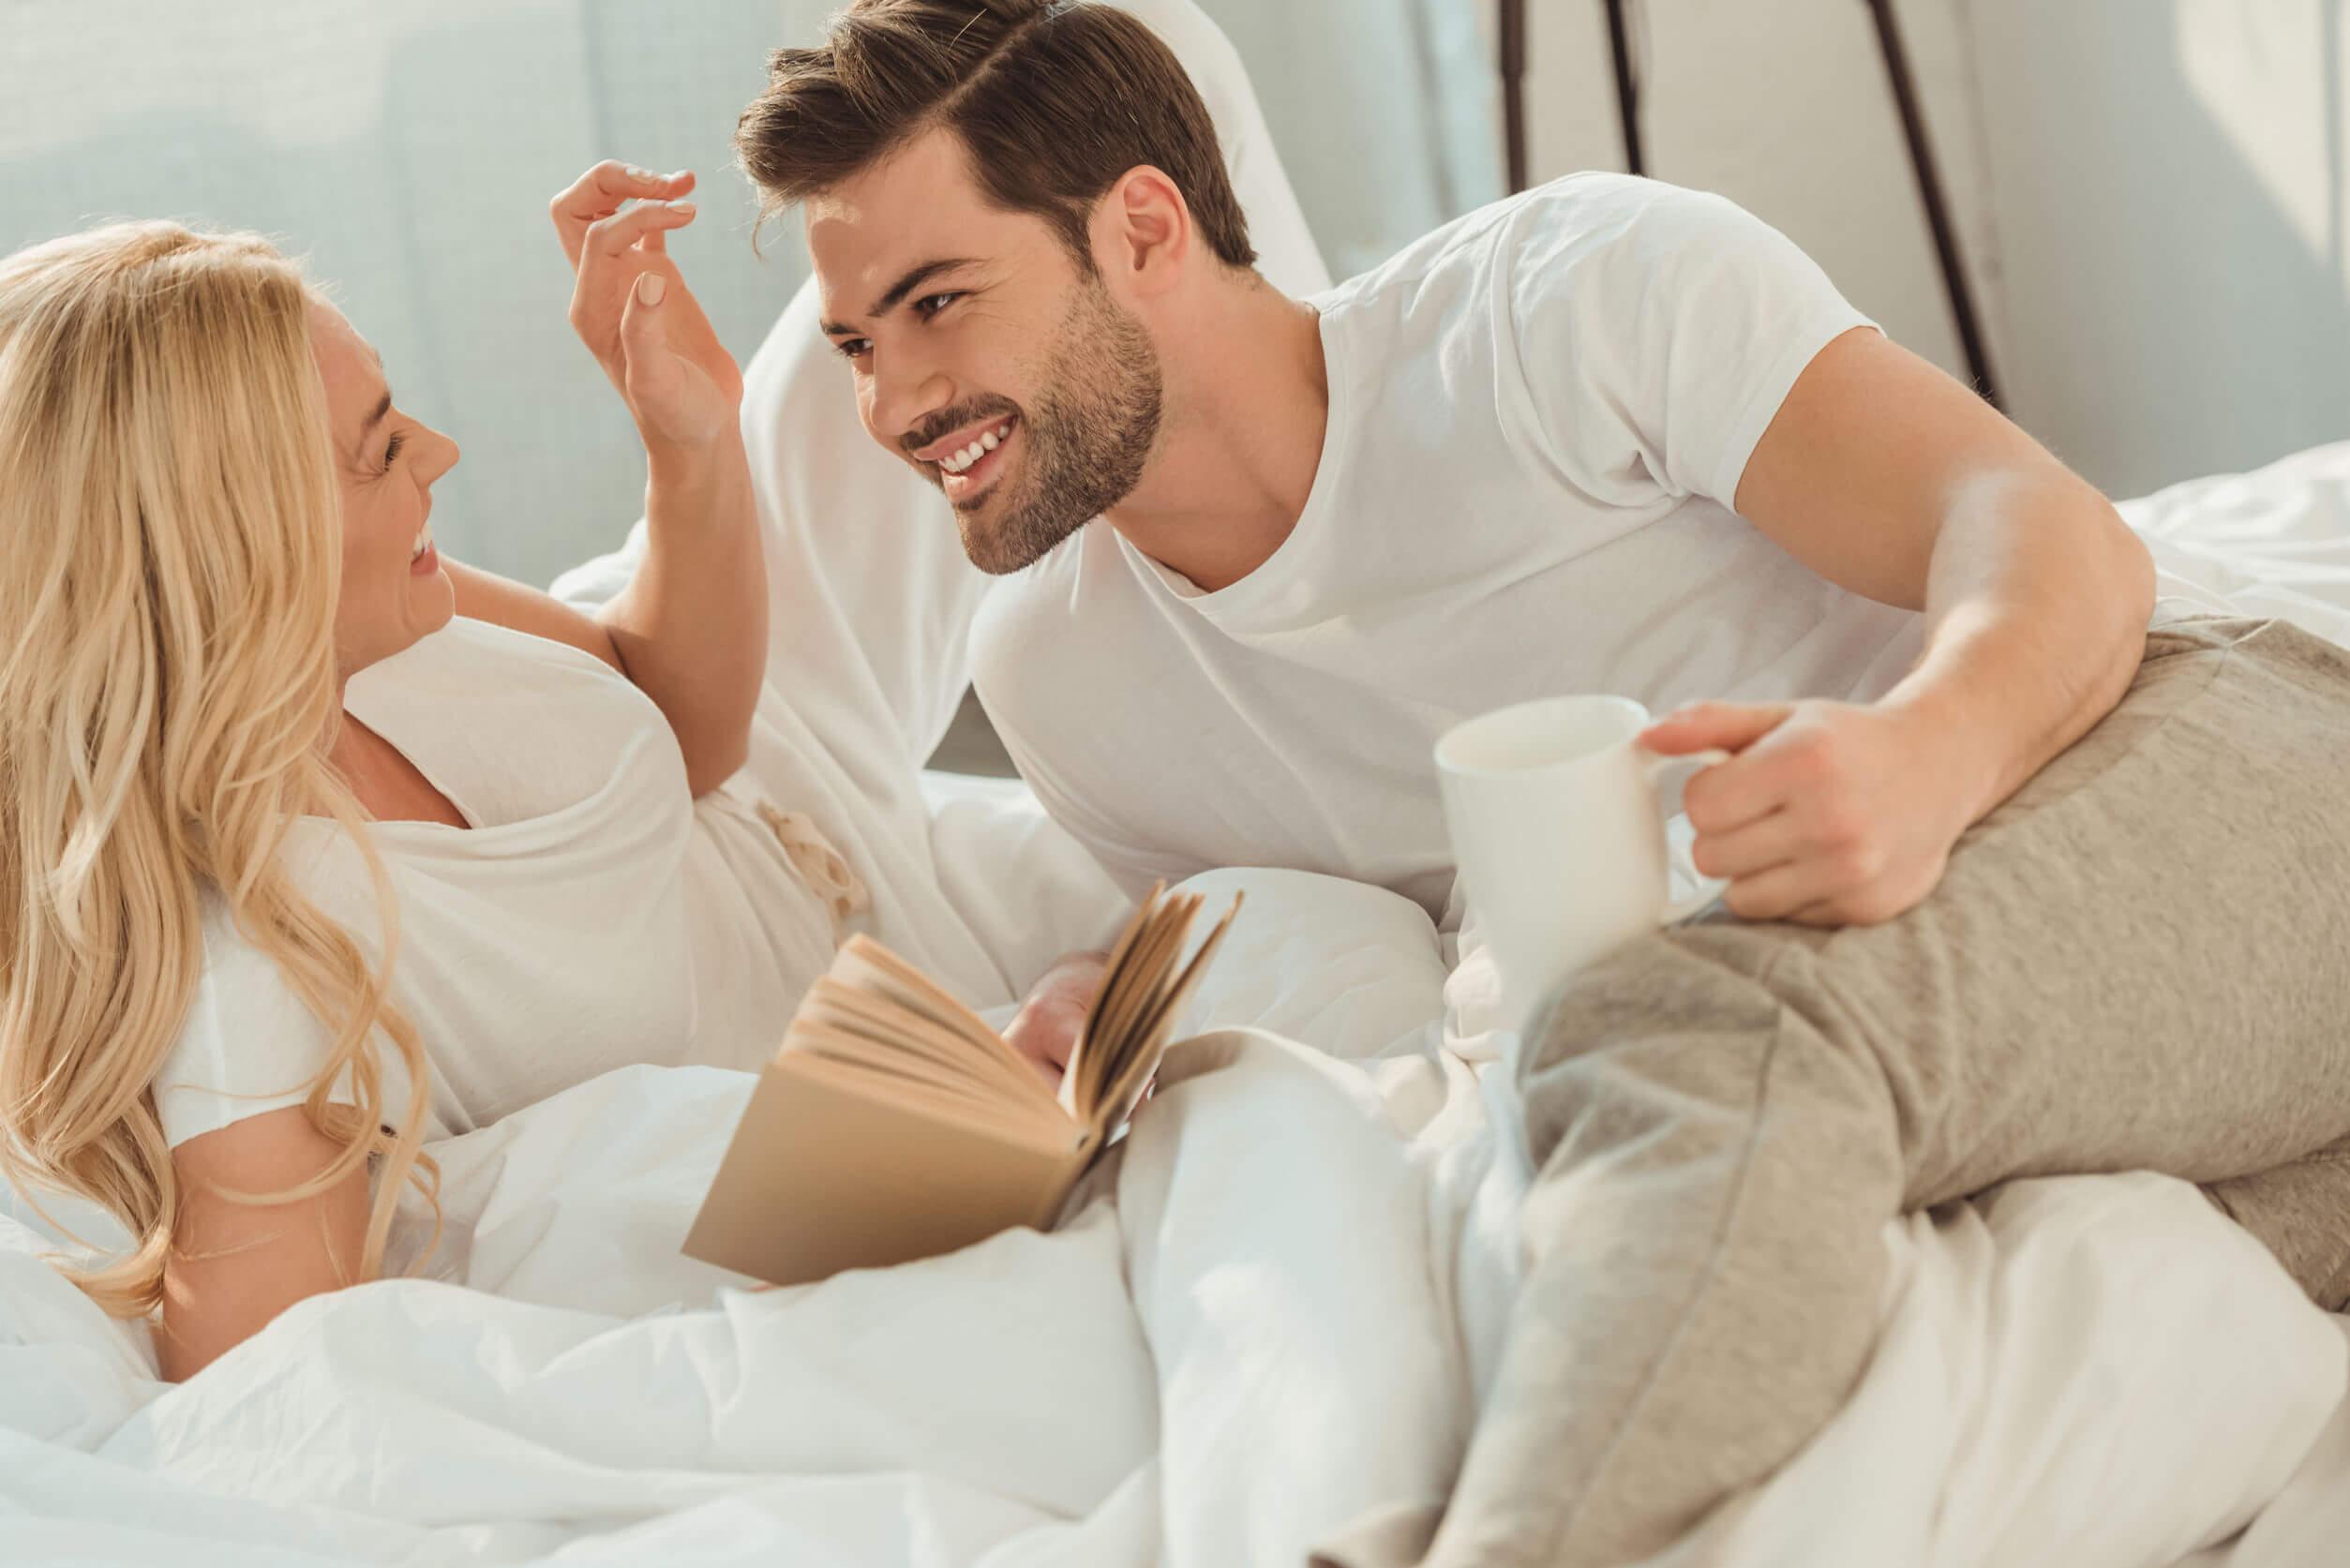 Ver series de Netflix podría mejorar la relación de pareja.